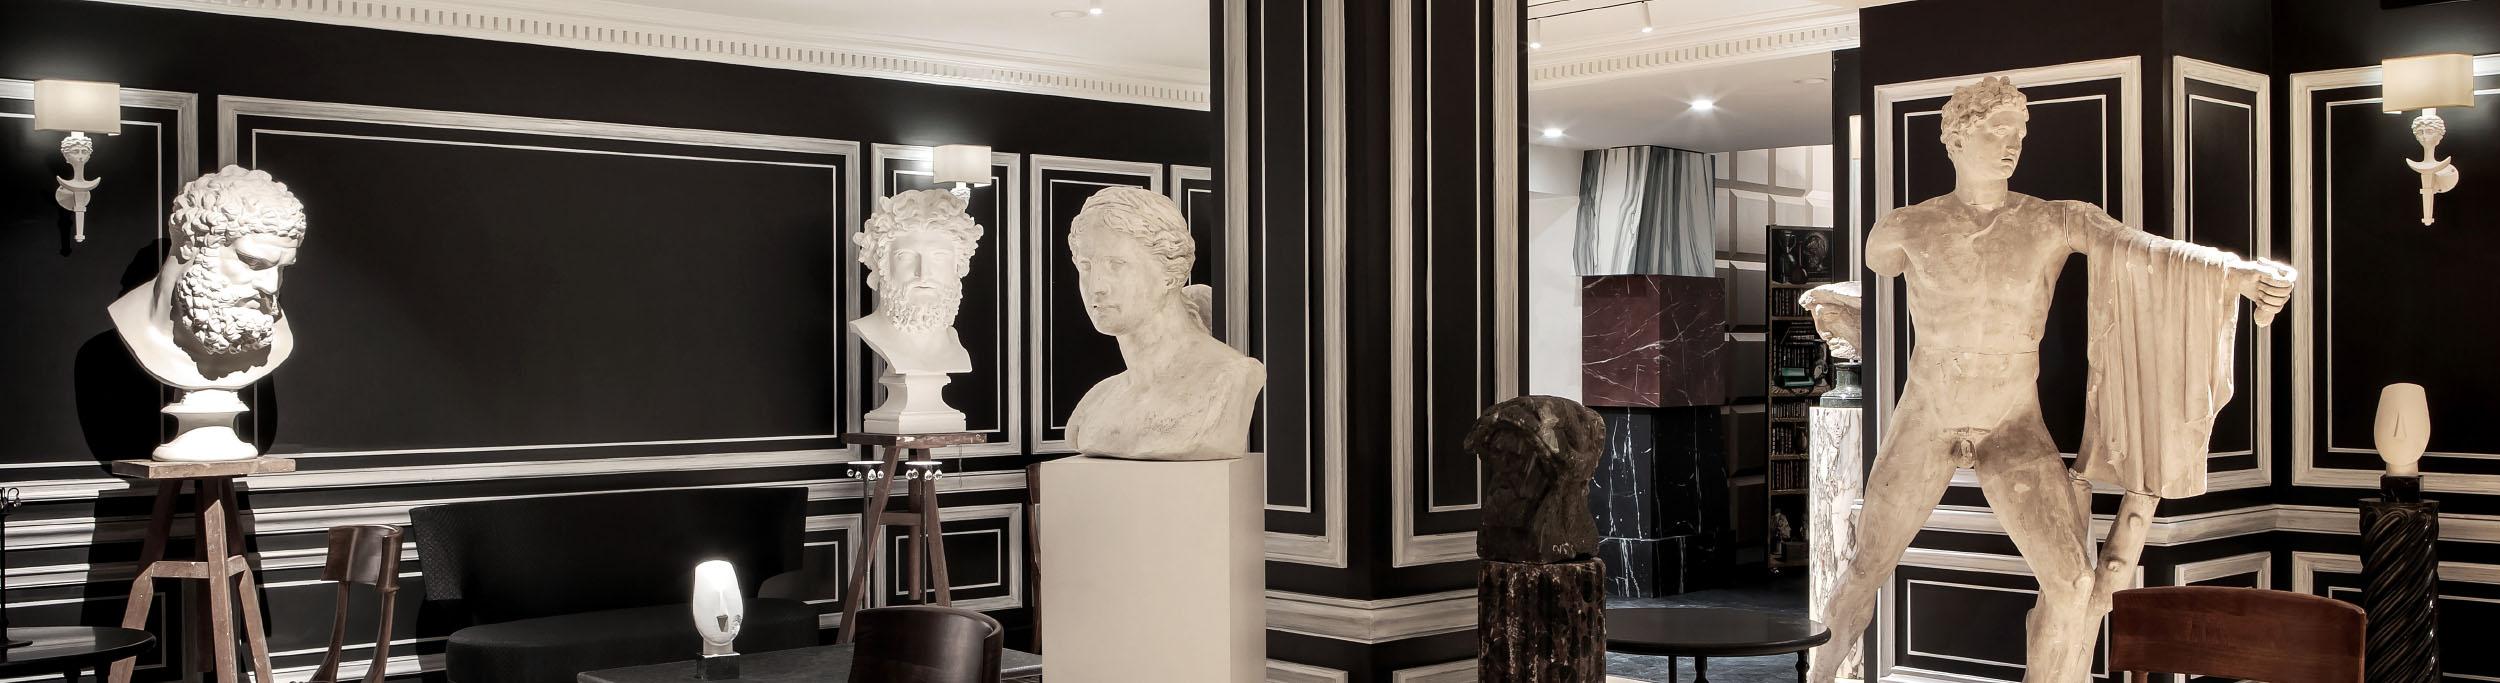 Sculptures et statues de grande taille pour la décoration d'intérieur - Idées déco d'art | Atelier de moulages du Louvre